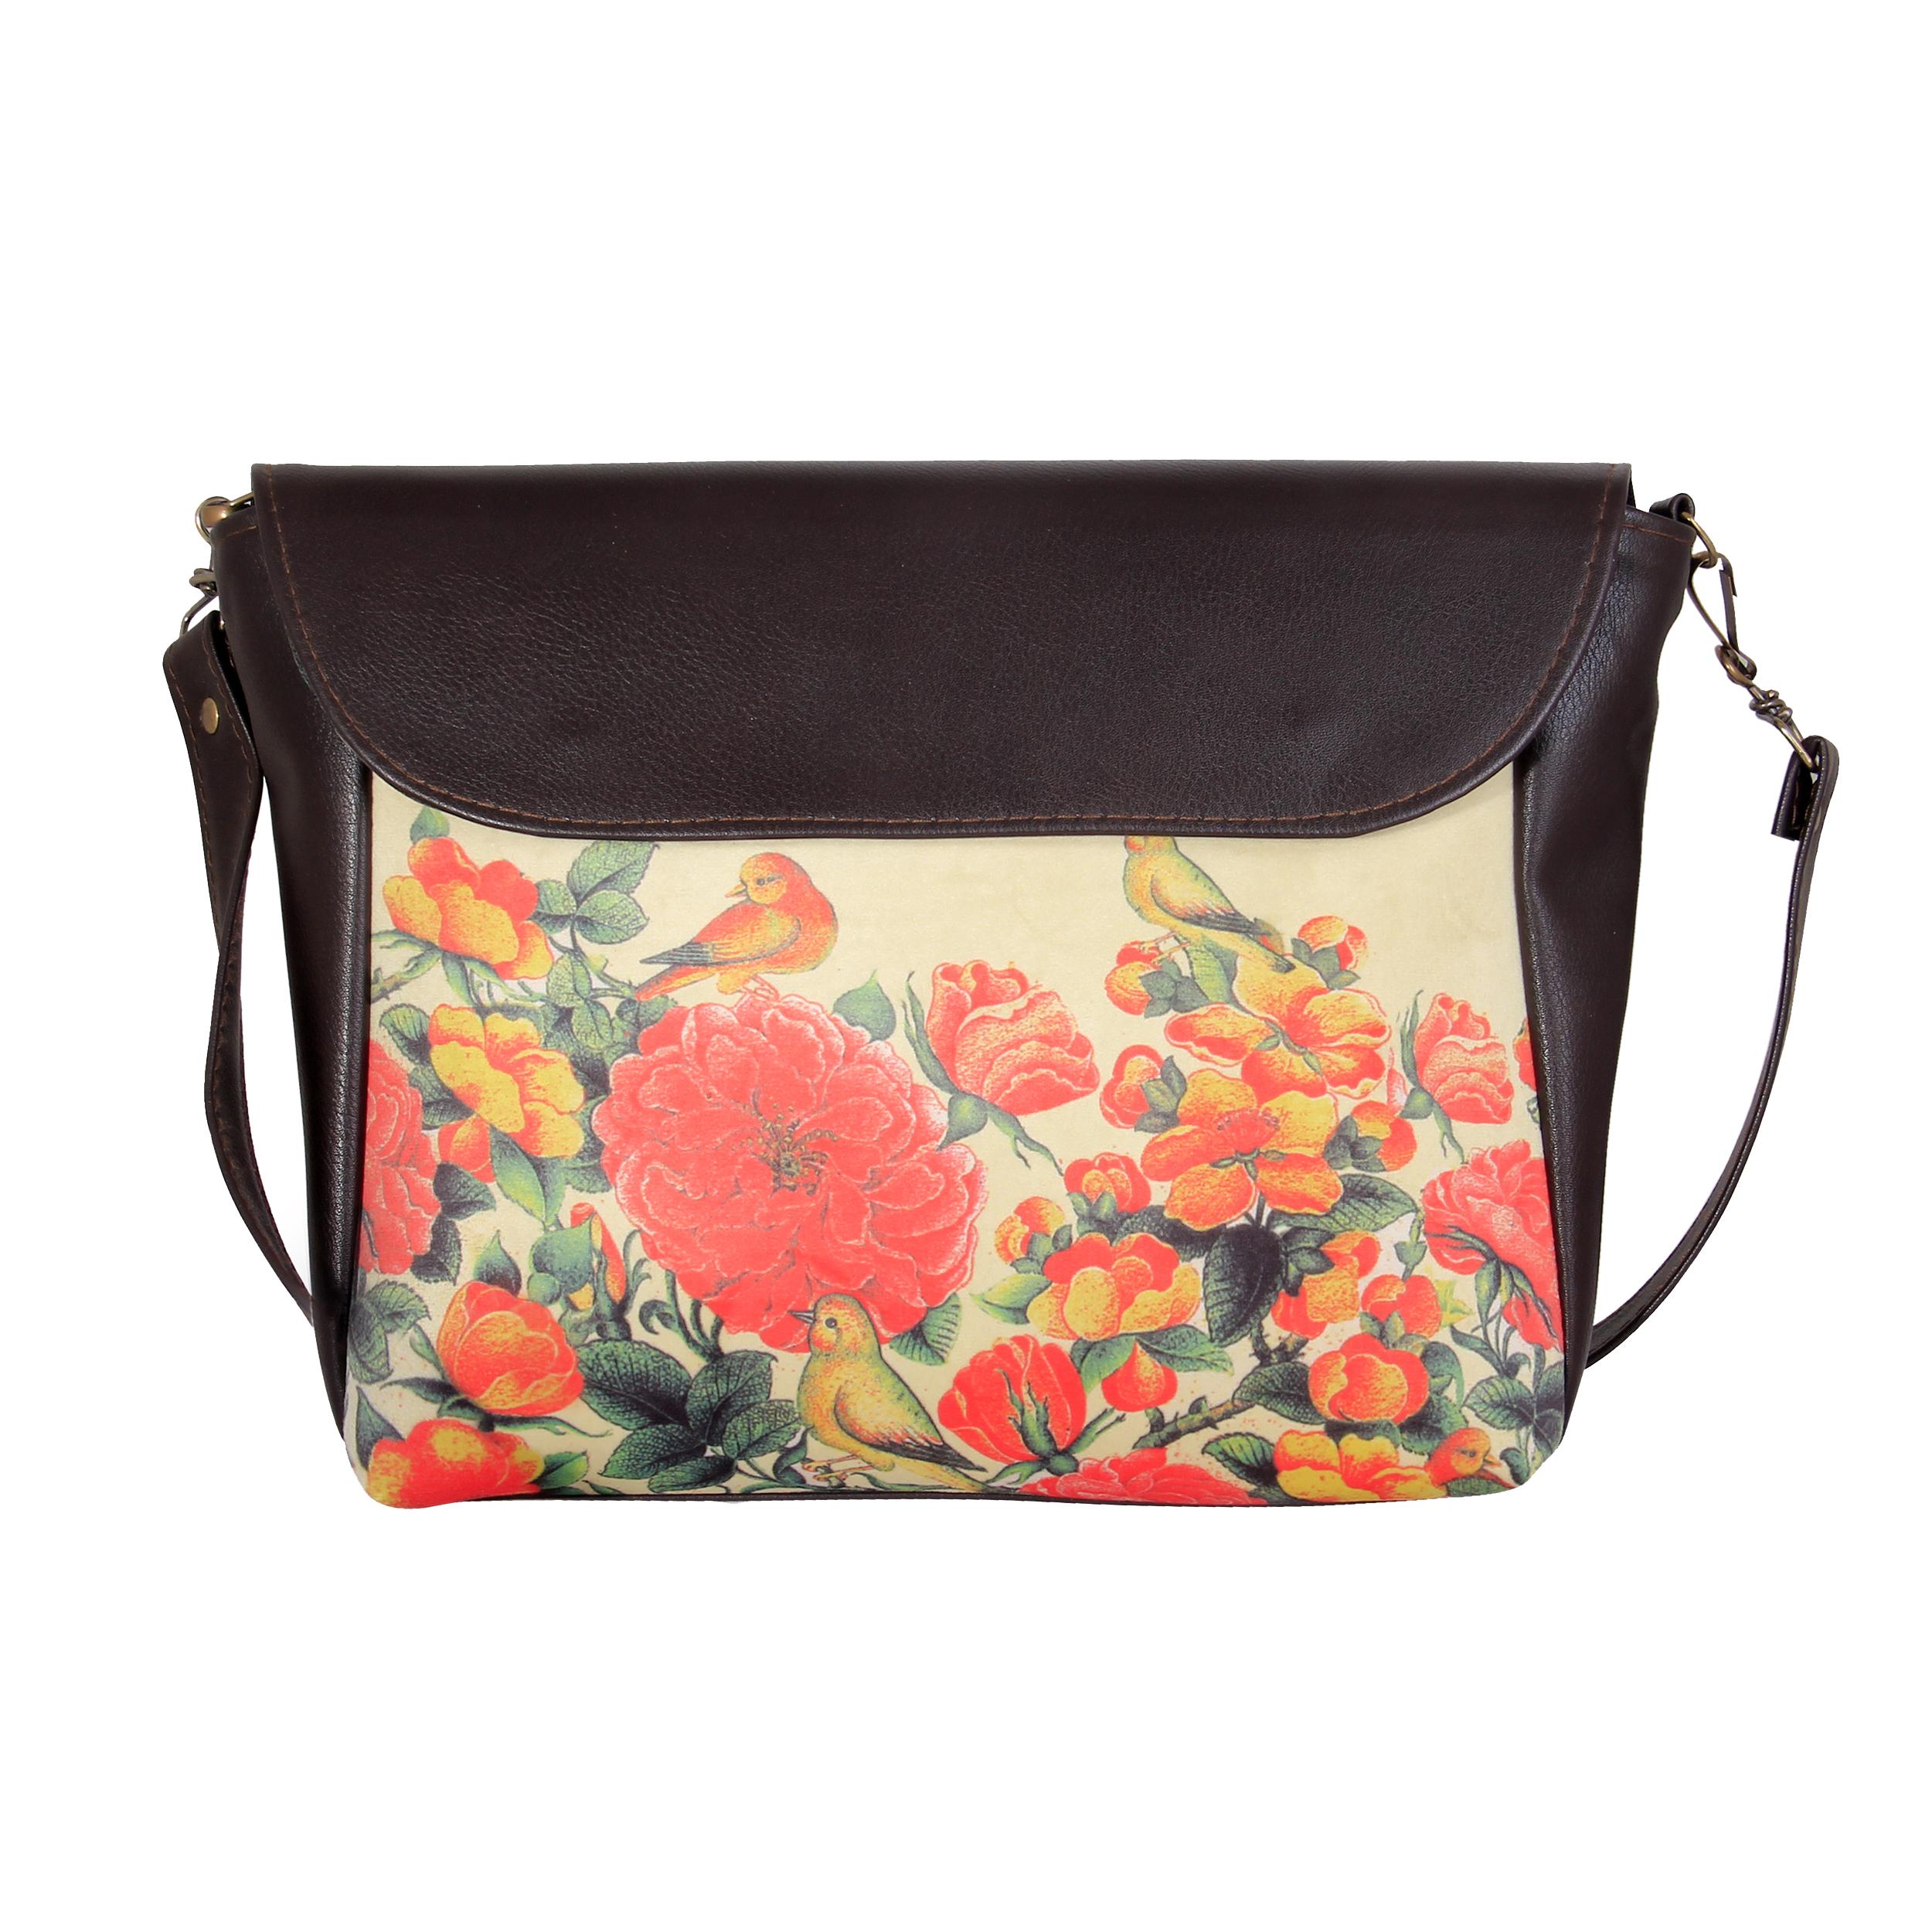 کیف رو دوشی چرمی مدل گل و بلبل کد CS